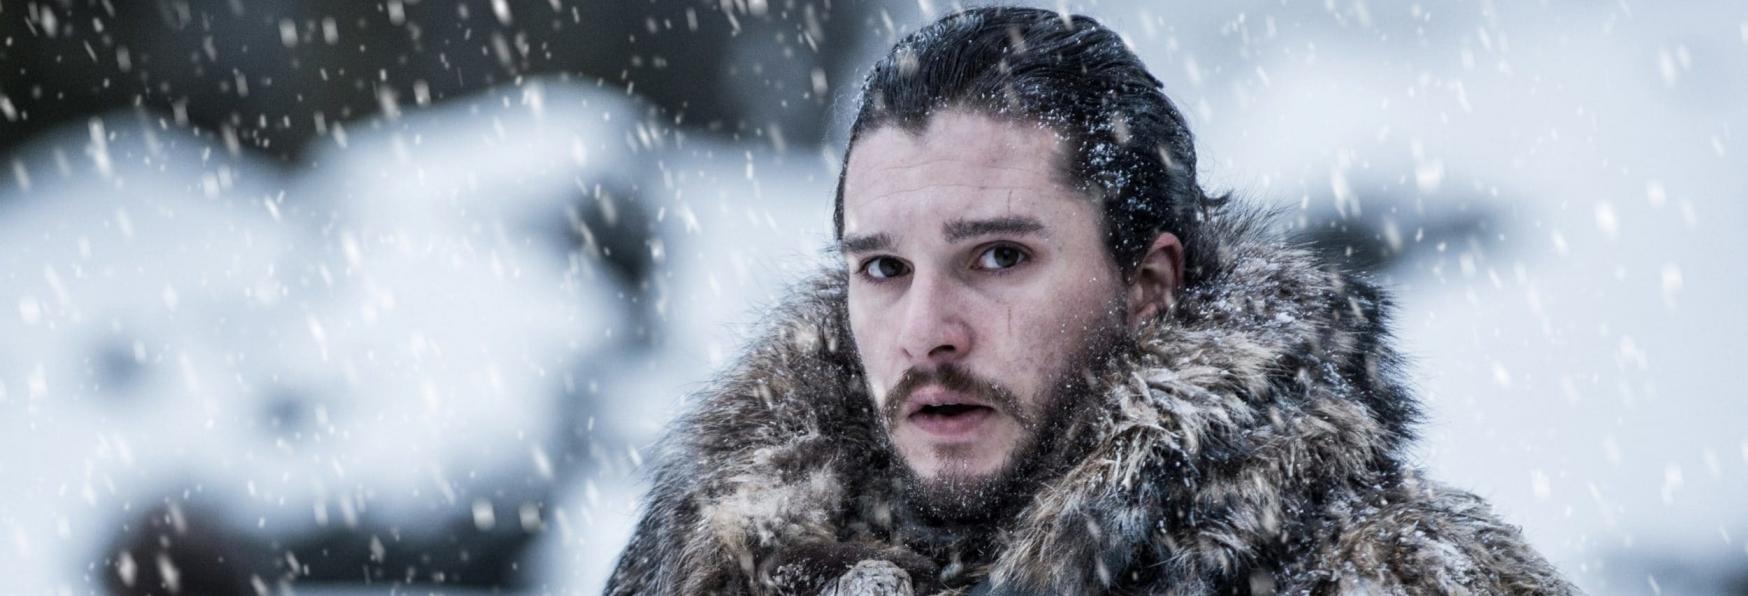 Game of Thrones: nuove Serie TV Spin-Off in arrivo? HBO non lo esclude, ecco cosa Sappiamo